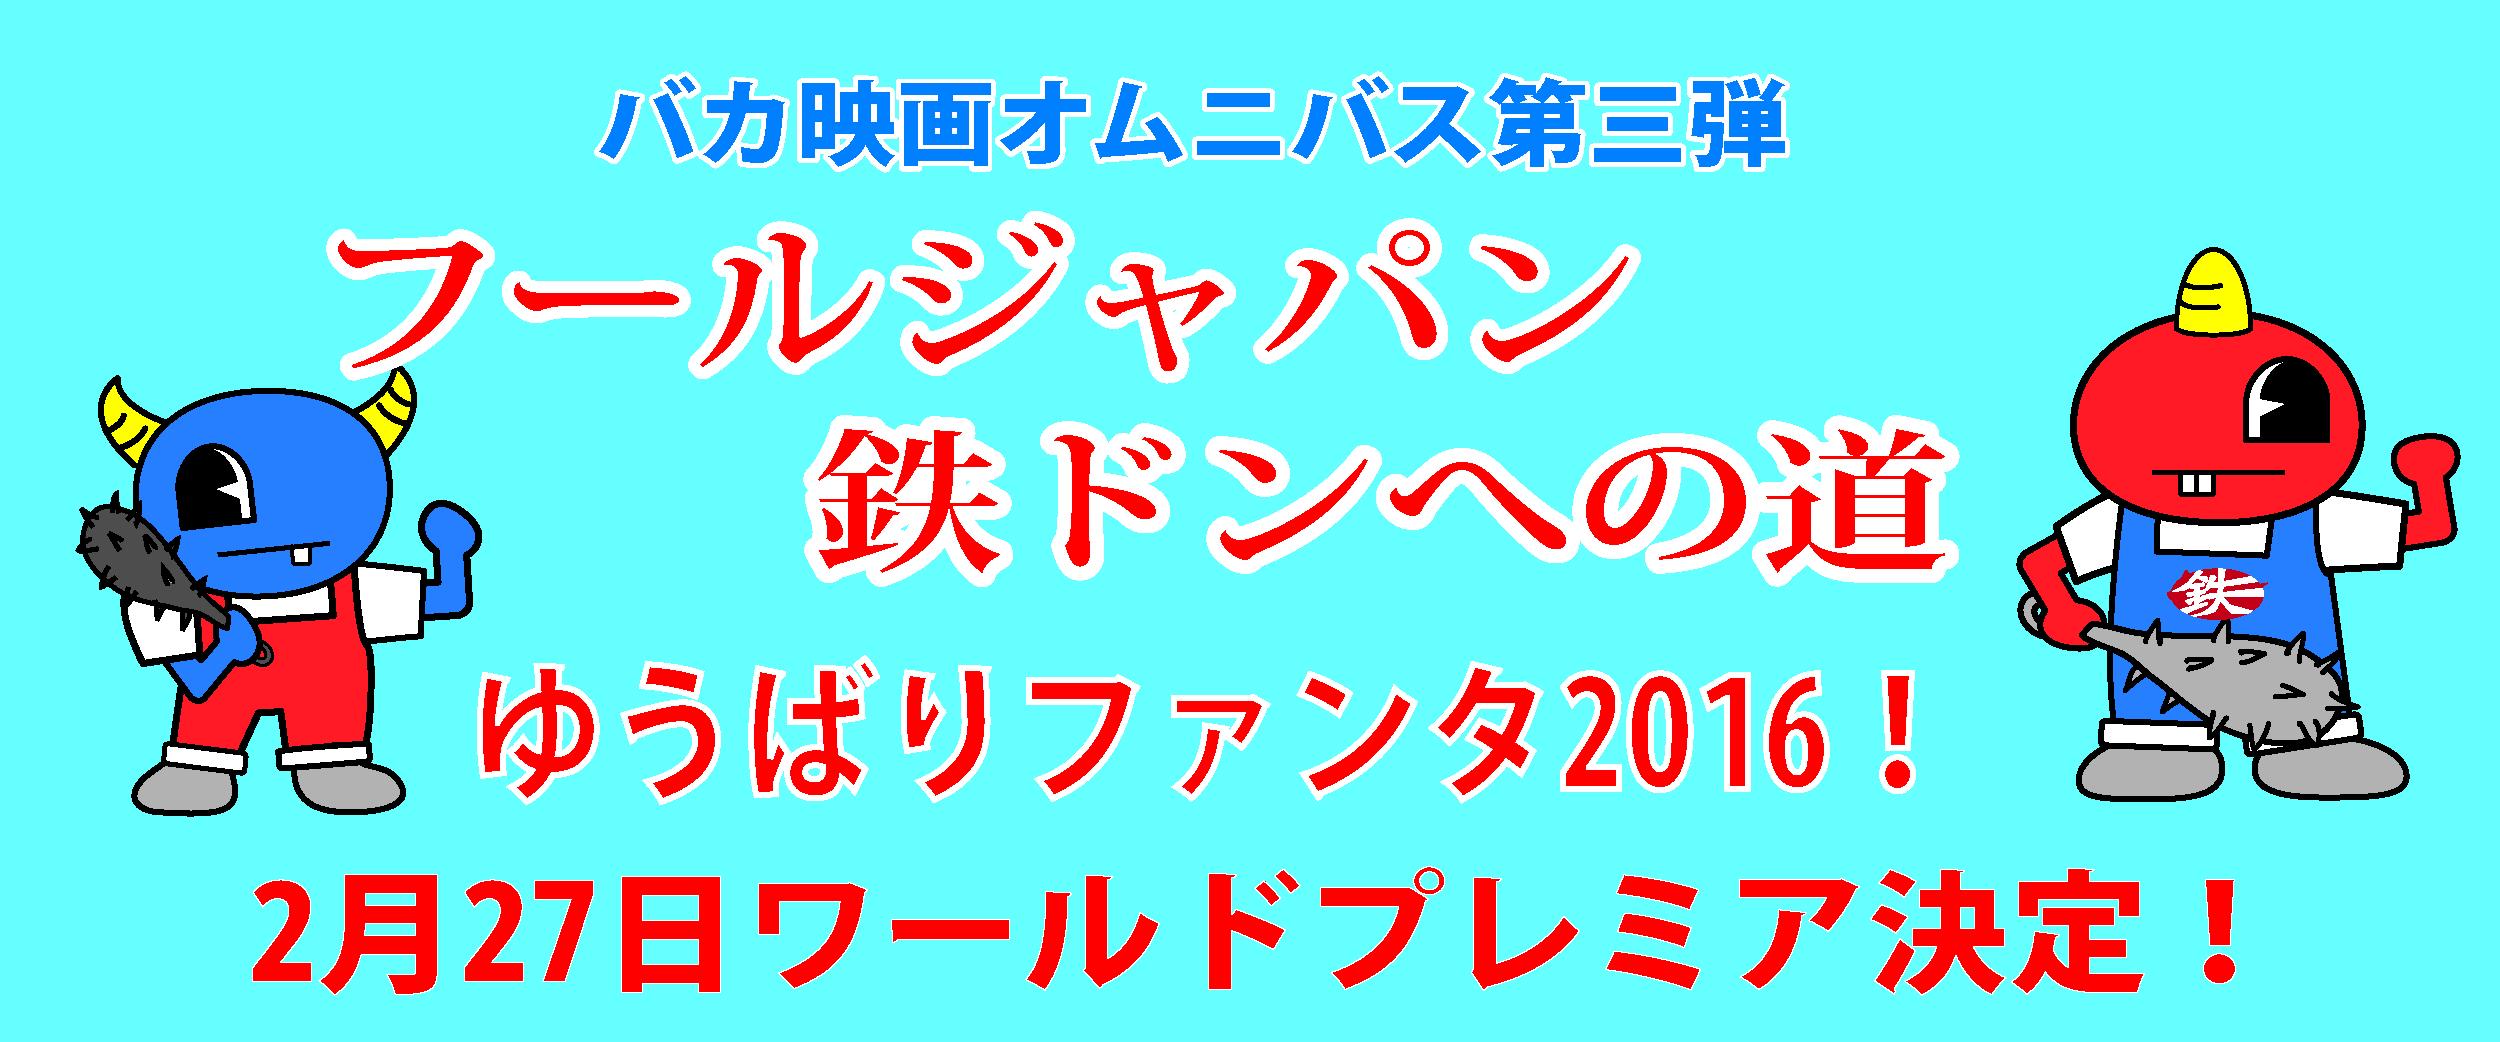 ゆうばり2016-top